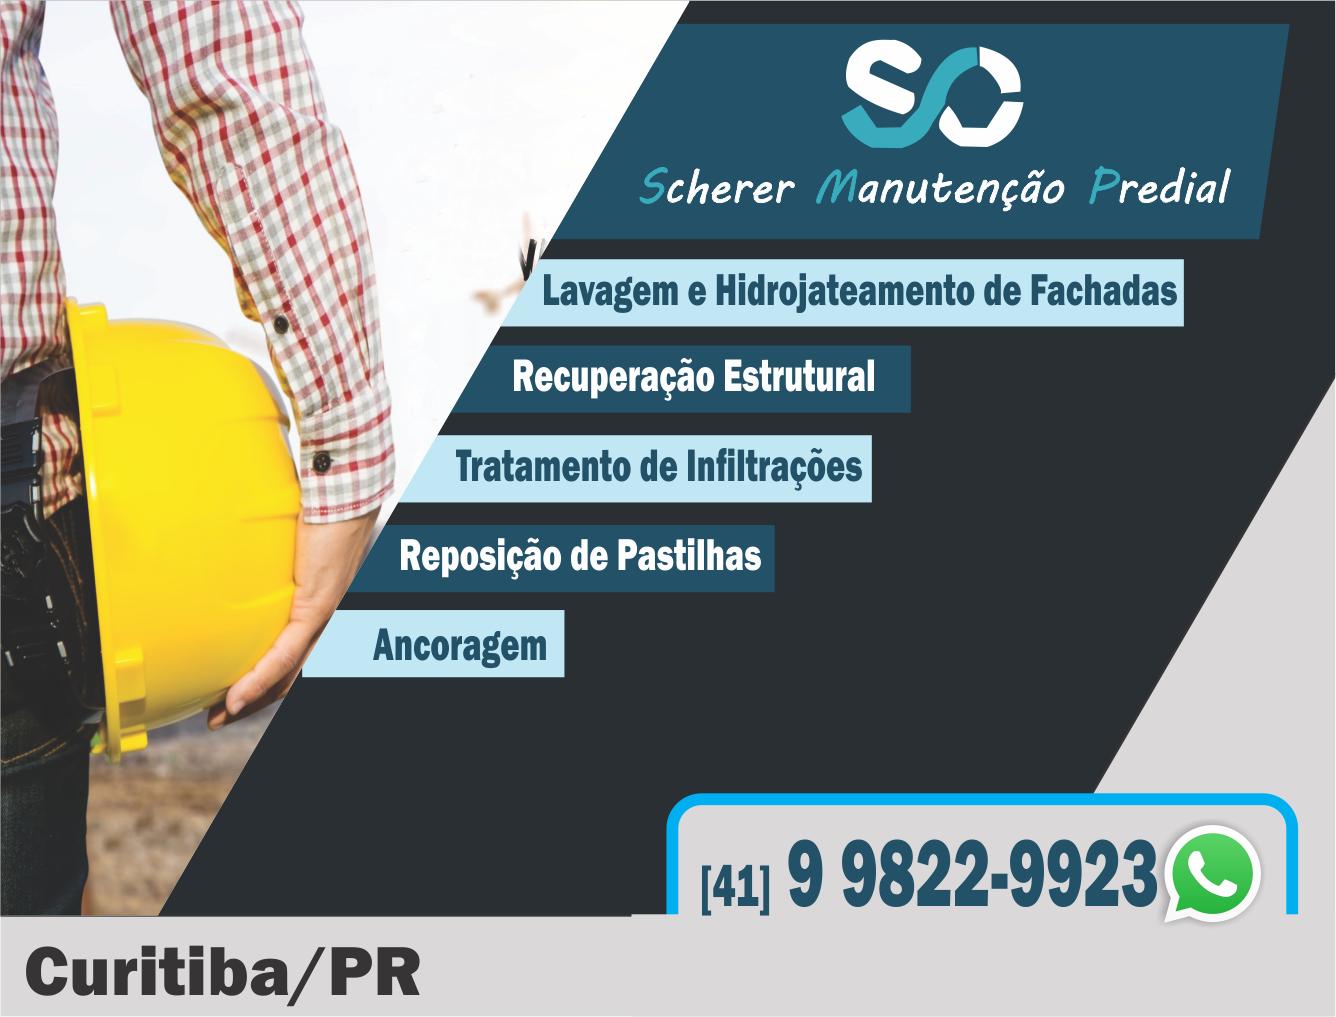 Scherer Manutenção Predial - 99822-9923